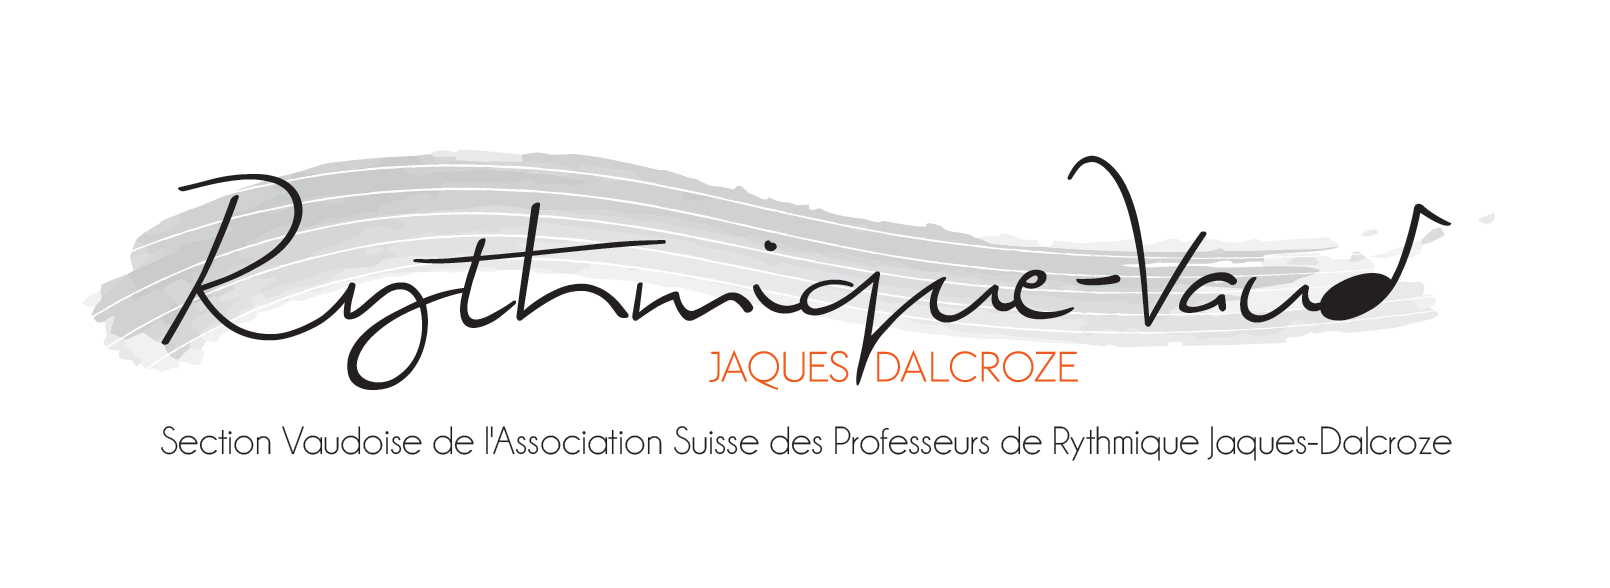 logo rythmique-vaud